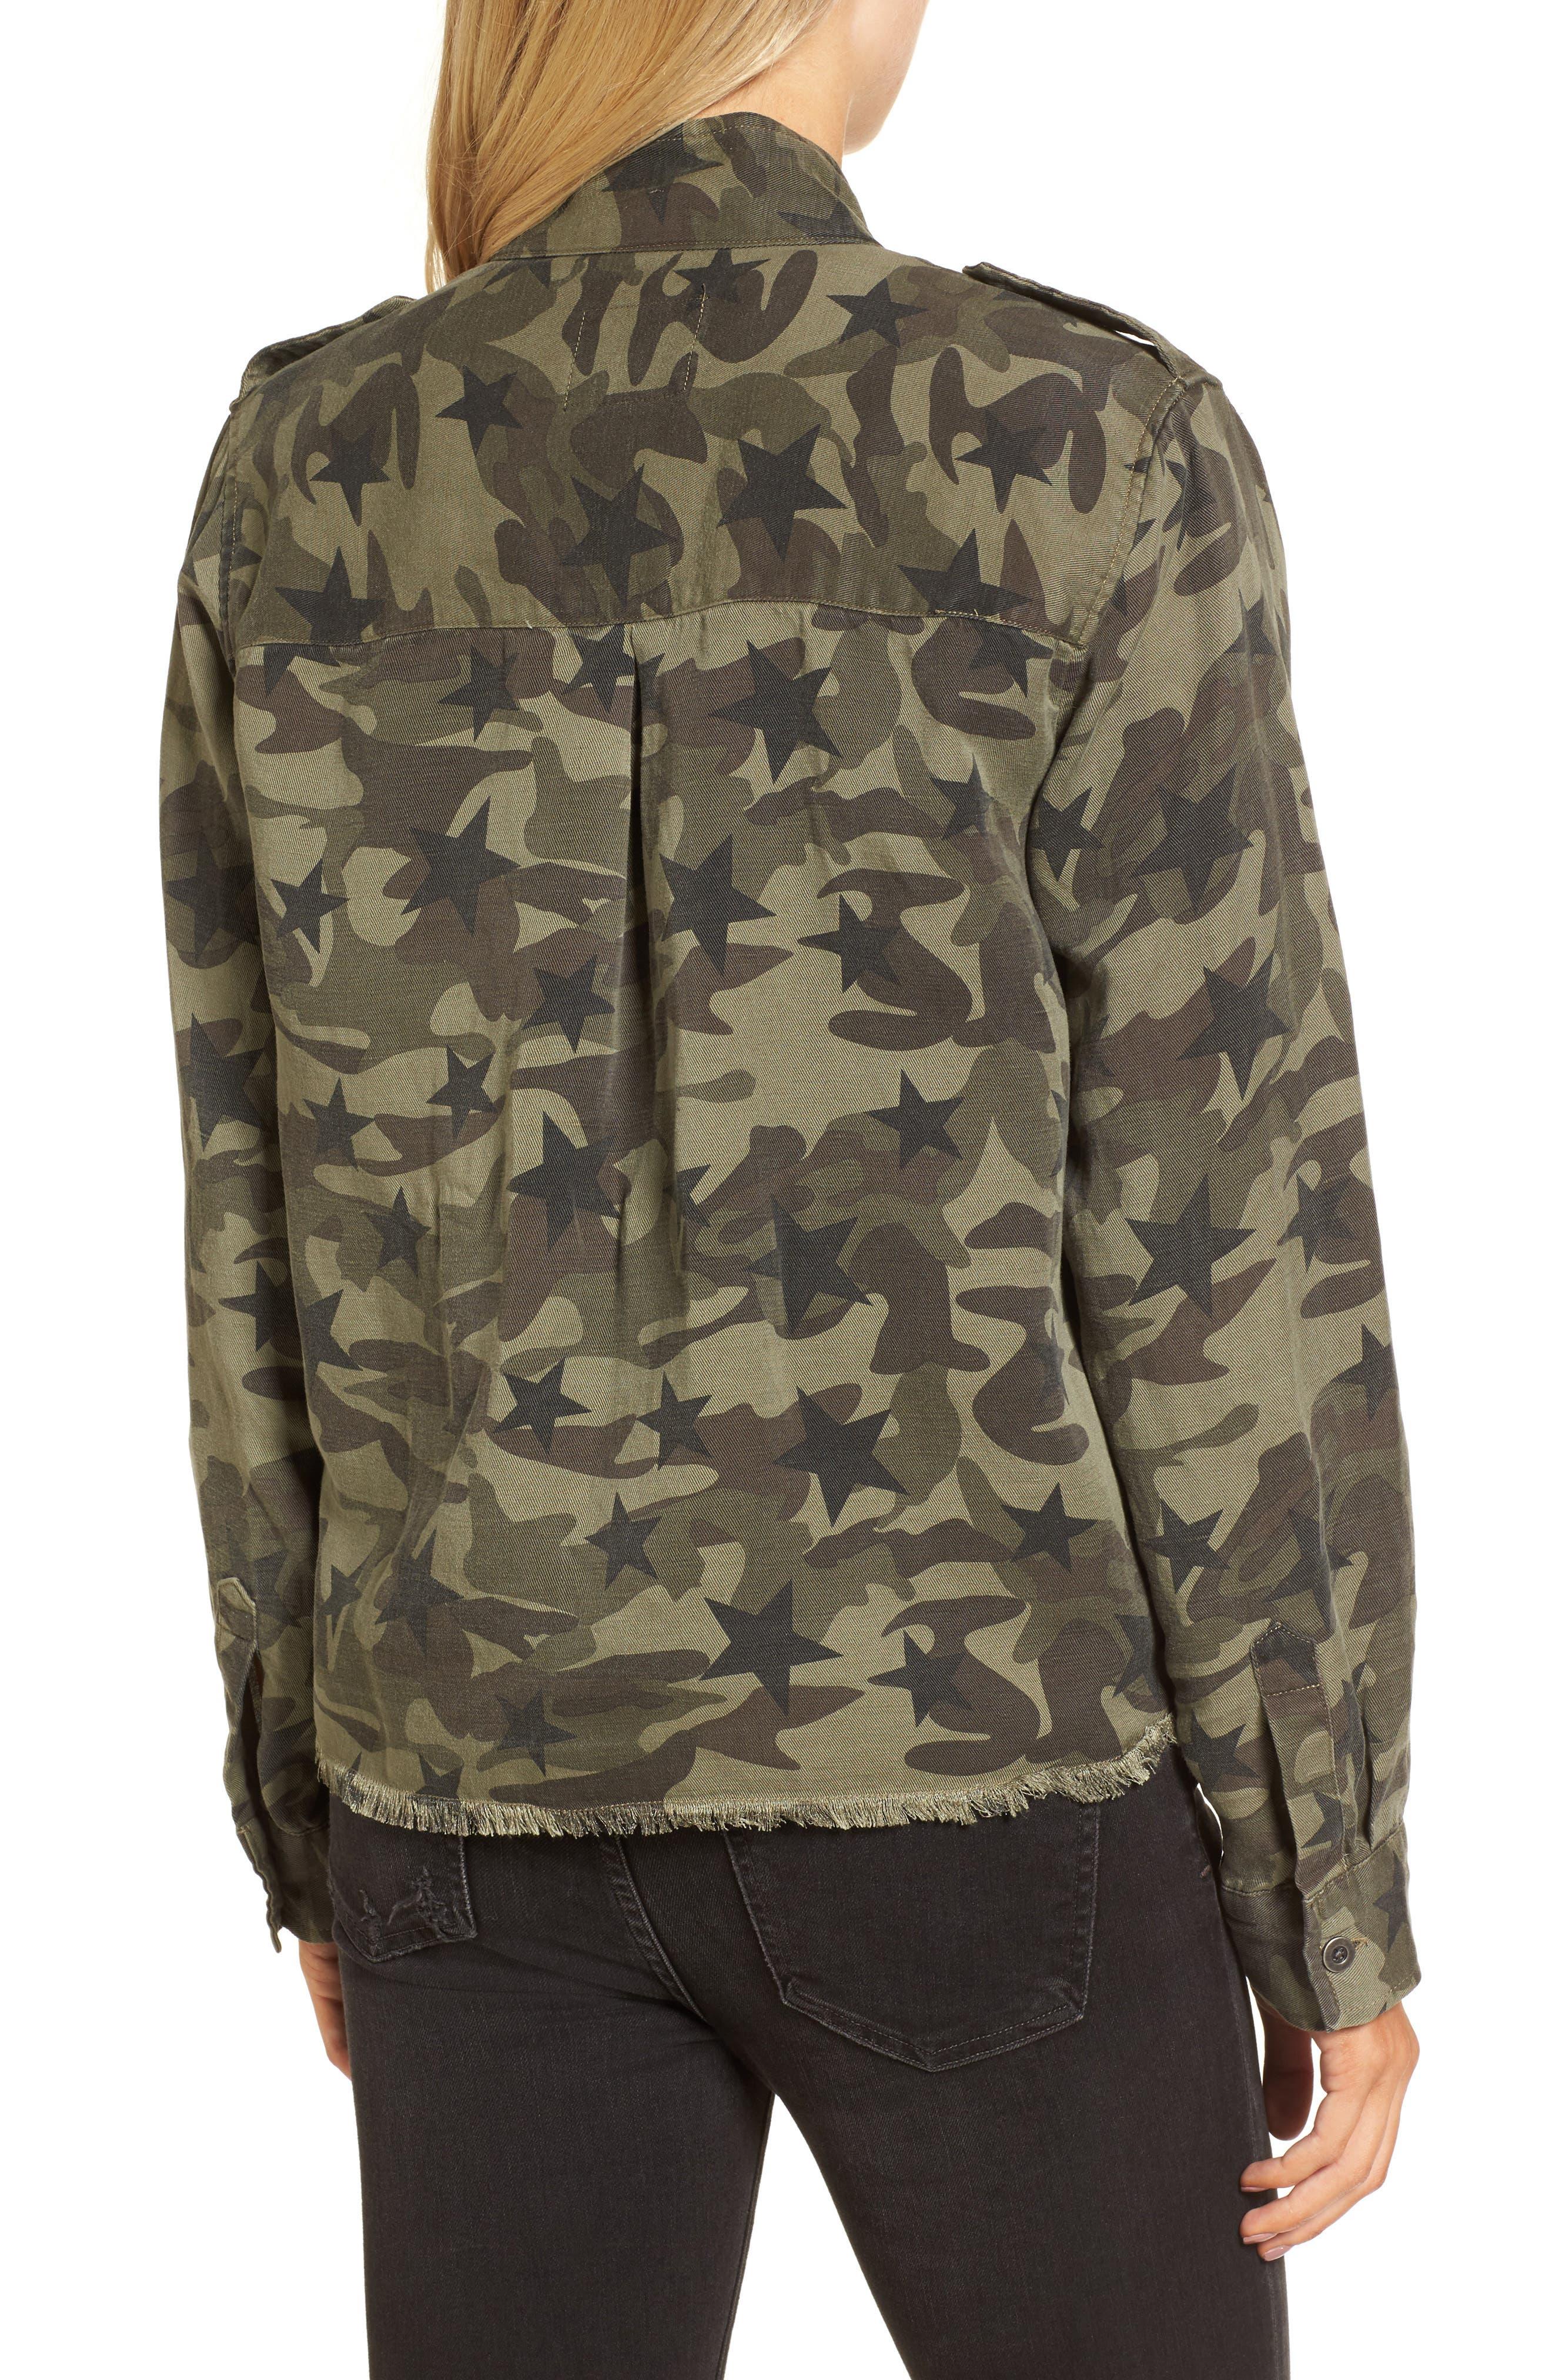 Hendrick Camo Military Jacket,                             Alternate thumbnail 2, color,                             Star Camo